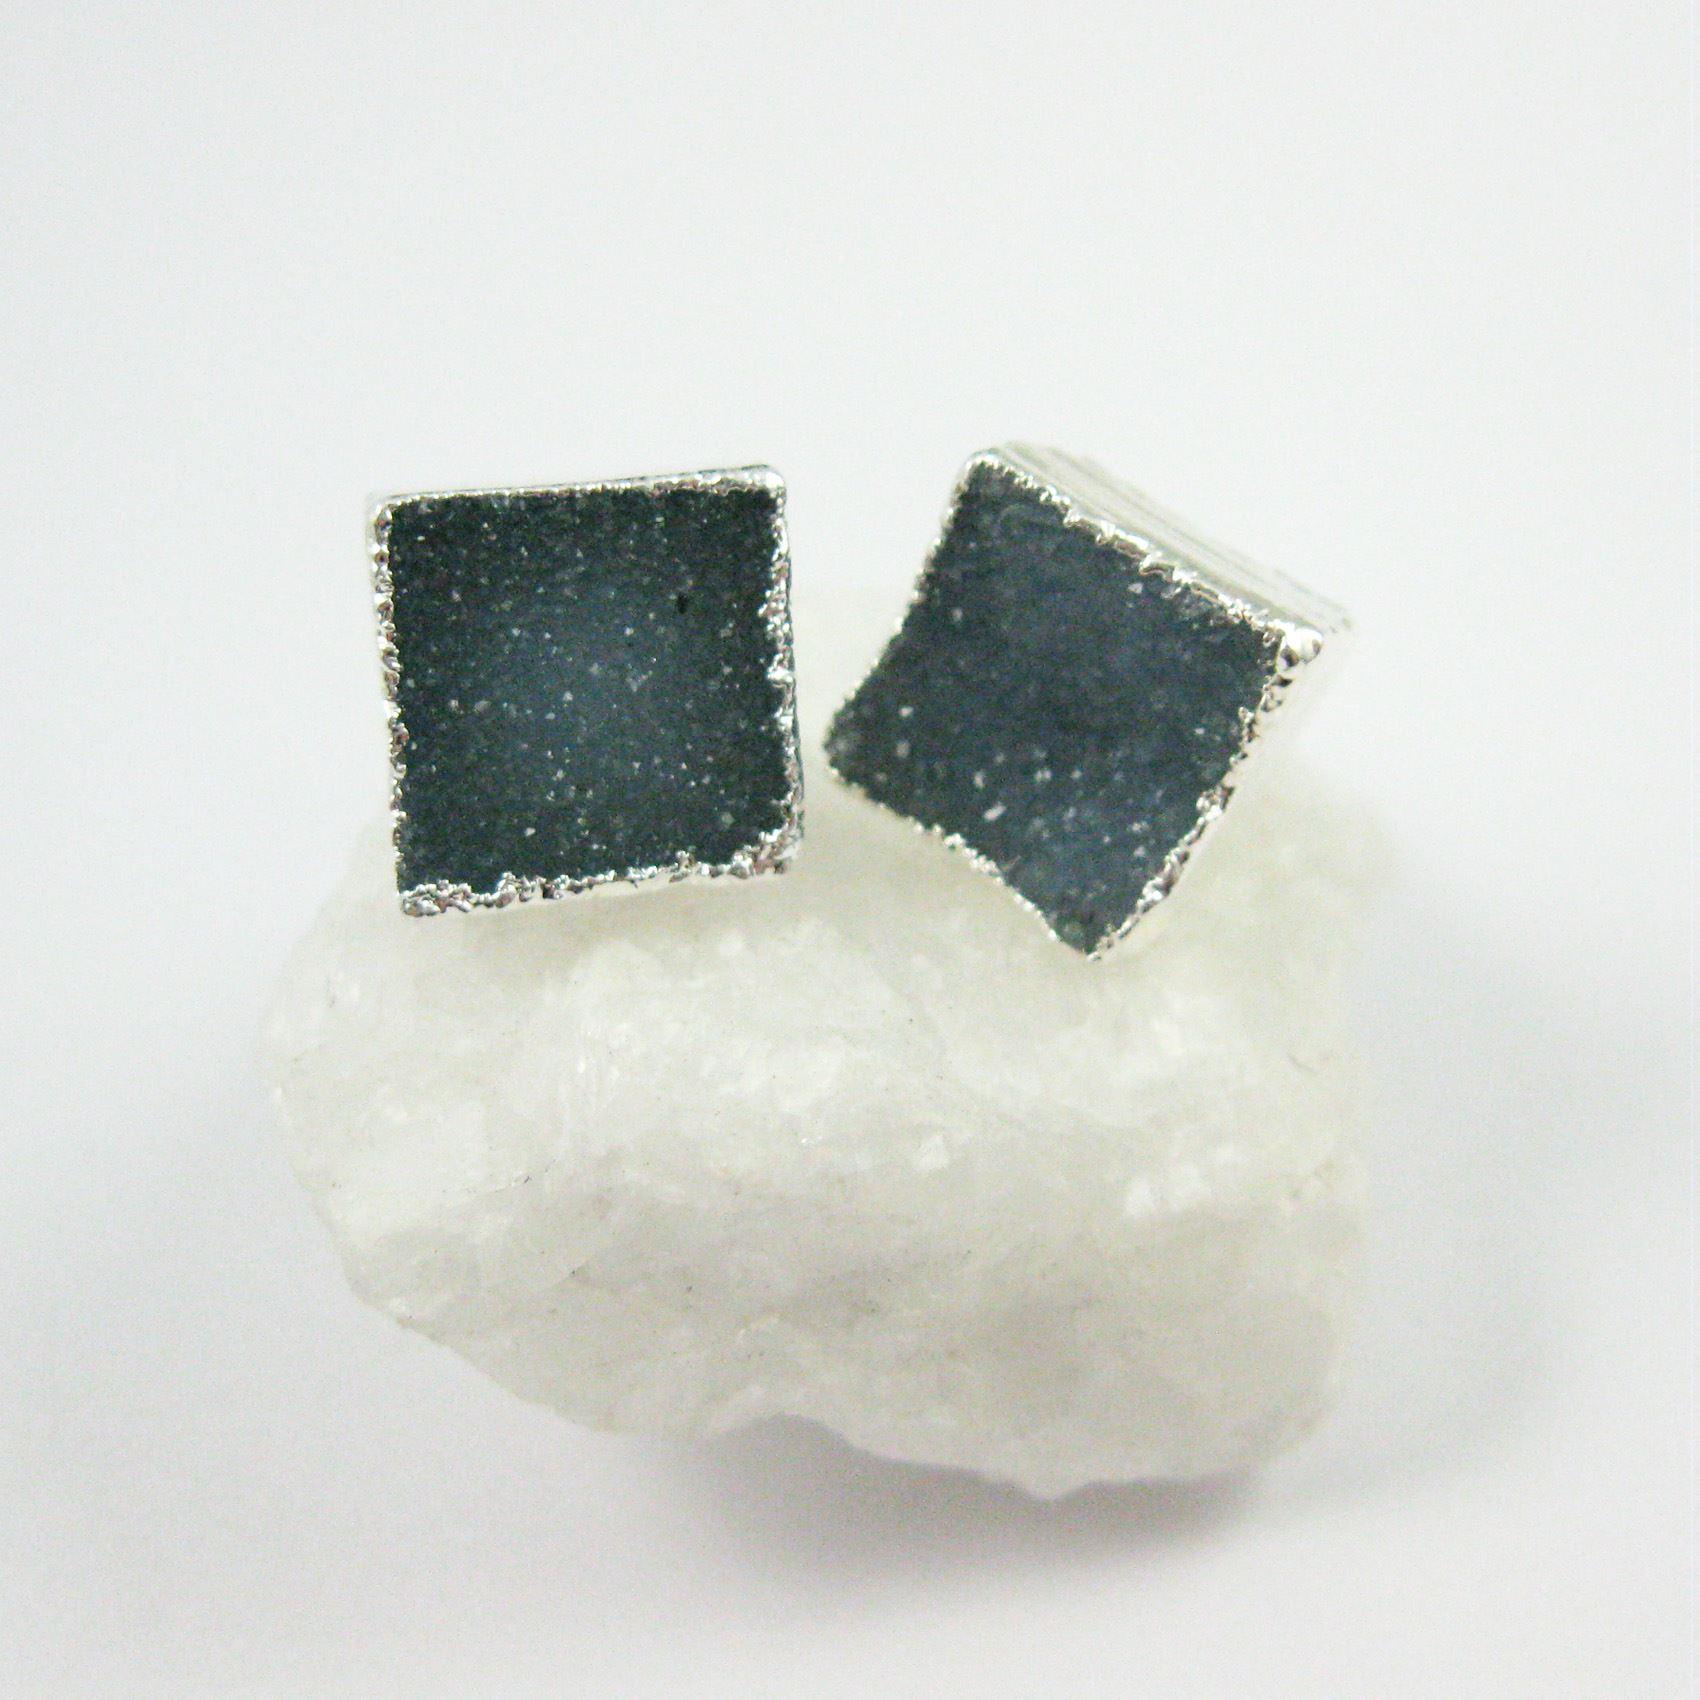 Druzy Earring Studs, Blue Grey Druzy Agate,Gemstone Stud Earrings - Sterling Silver- Square 10mm - 1 Pair